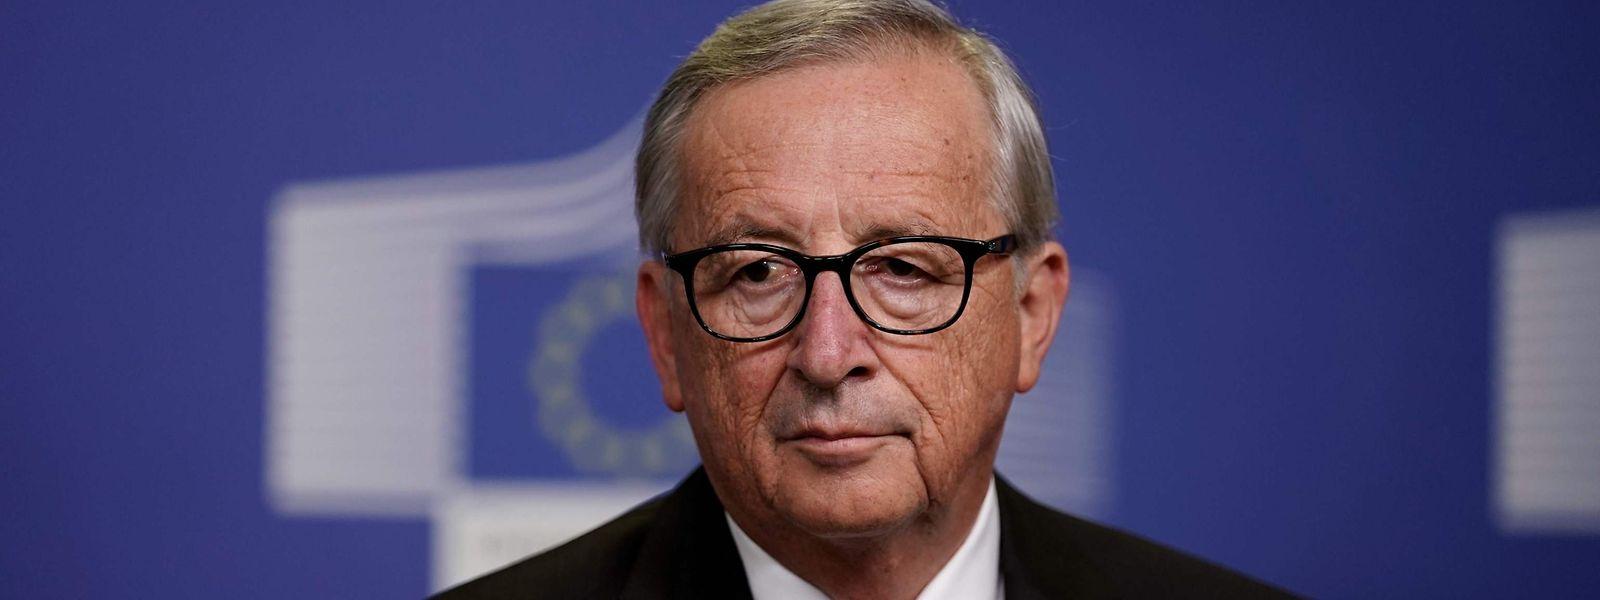 Juncker wurde am 12. November operiert und konnte die Intensivstation am Tag darauf verlassen.